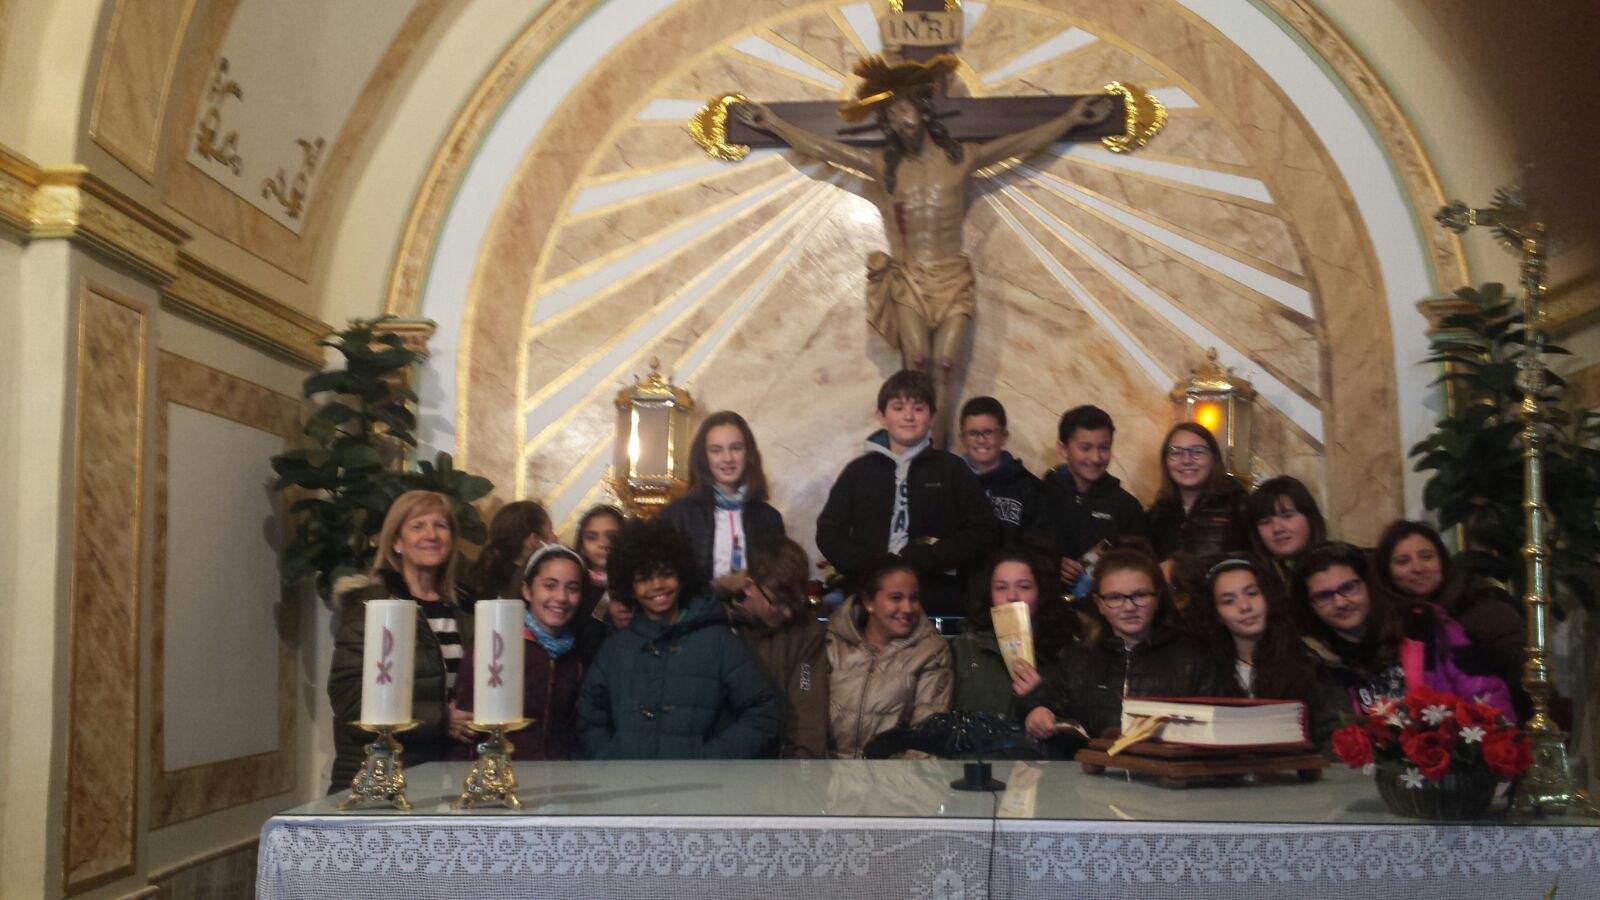 (2018-03-19) - Visita ermita alumnos Yolanda,6º, profesora religión Virrey Poveda - Marzo -  María Isabel Berenguer Brotons - (02)